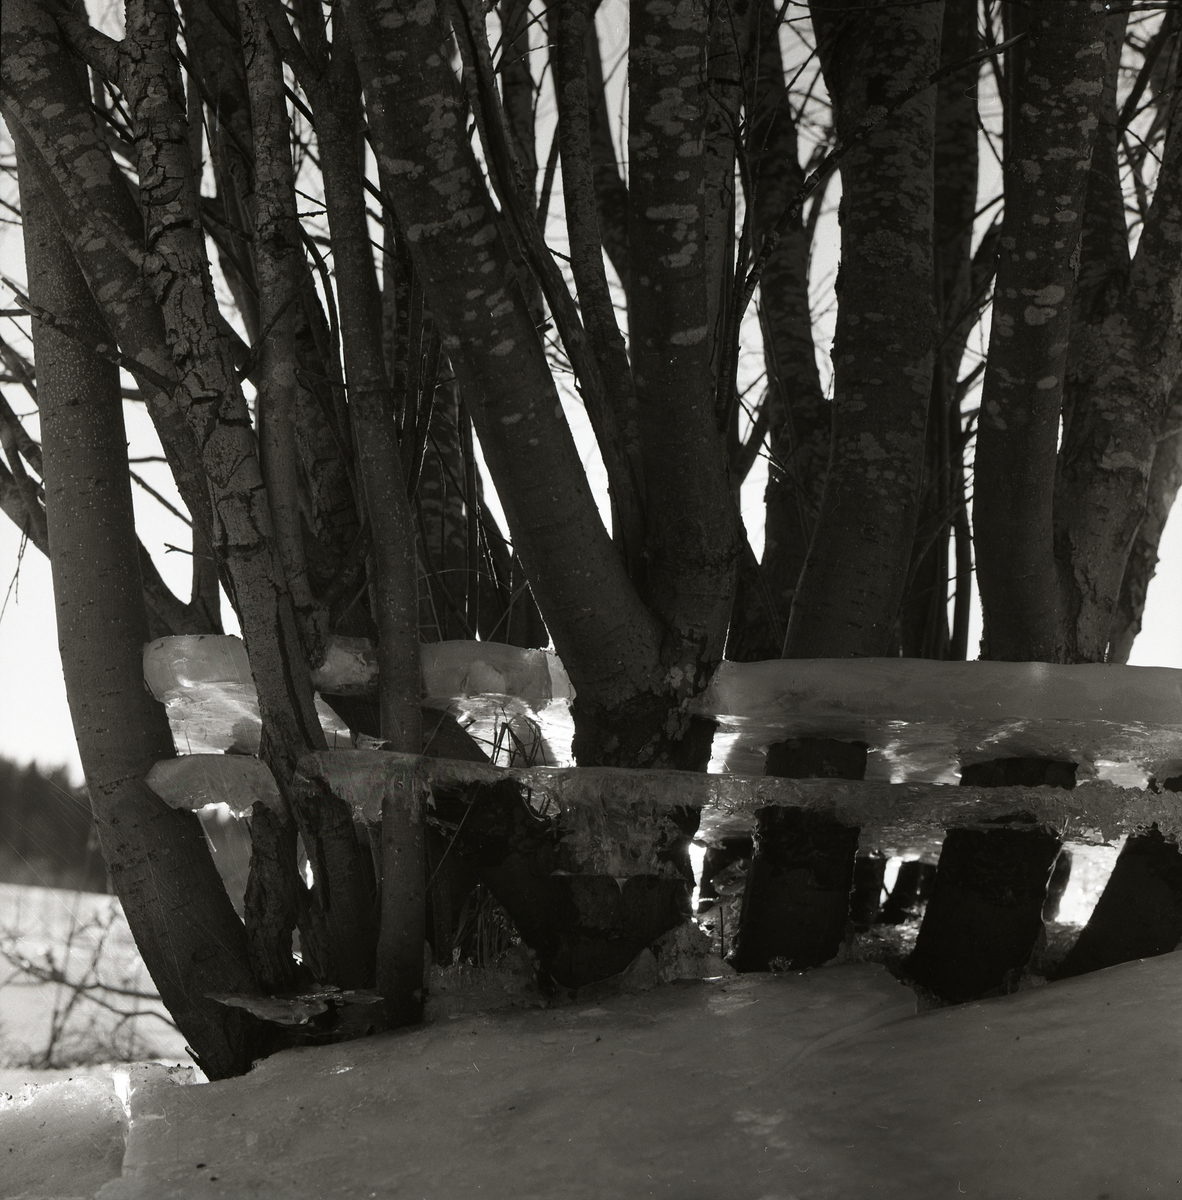 Ett isflak fastfryst runt några videstammar den 8 april 1956.